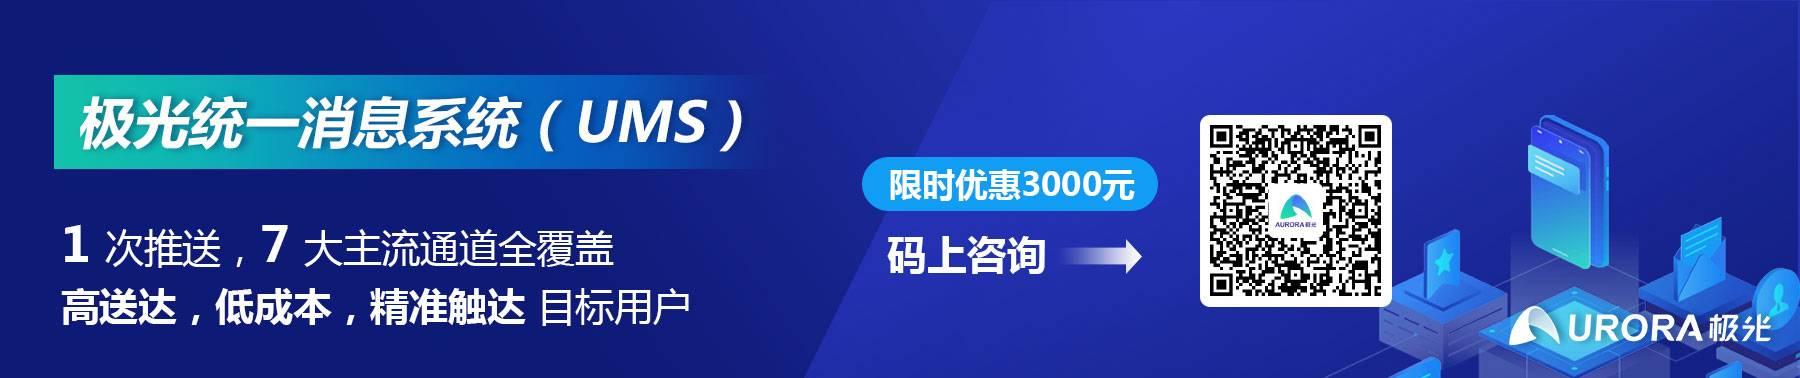 亚洲AV无码专区首页,广告文案,极光jiguang,品牌国产成人亚洲综合无码,传播,营销,品牌定位